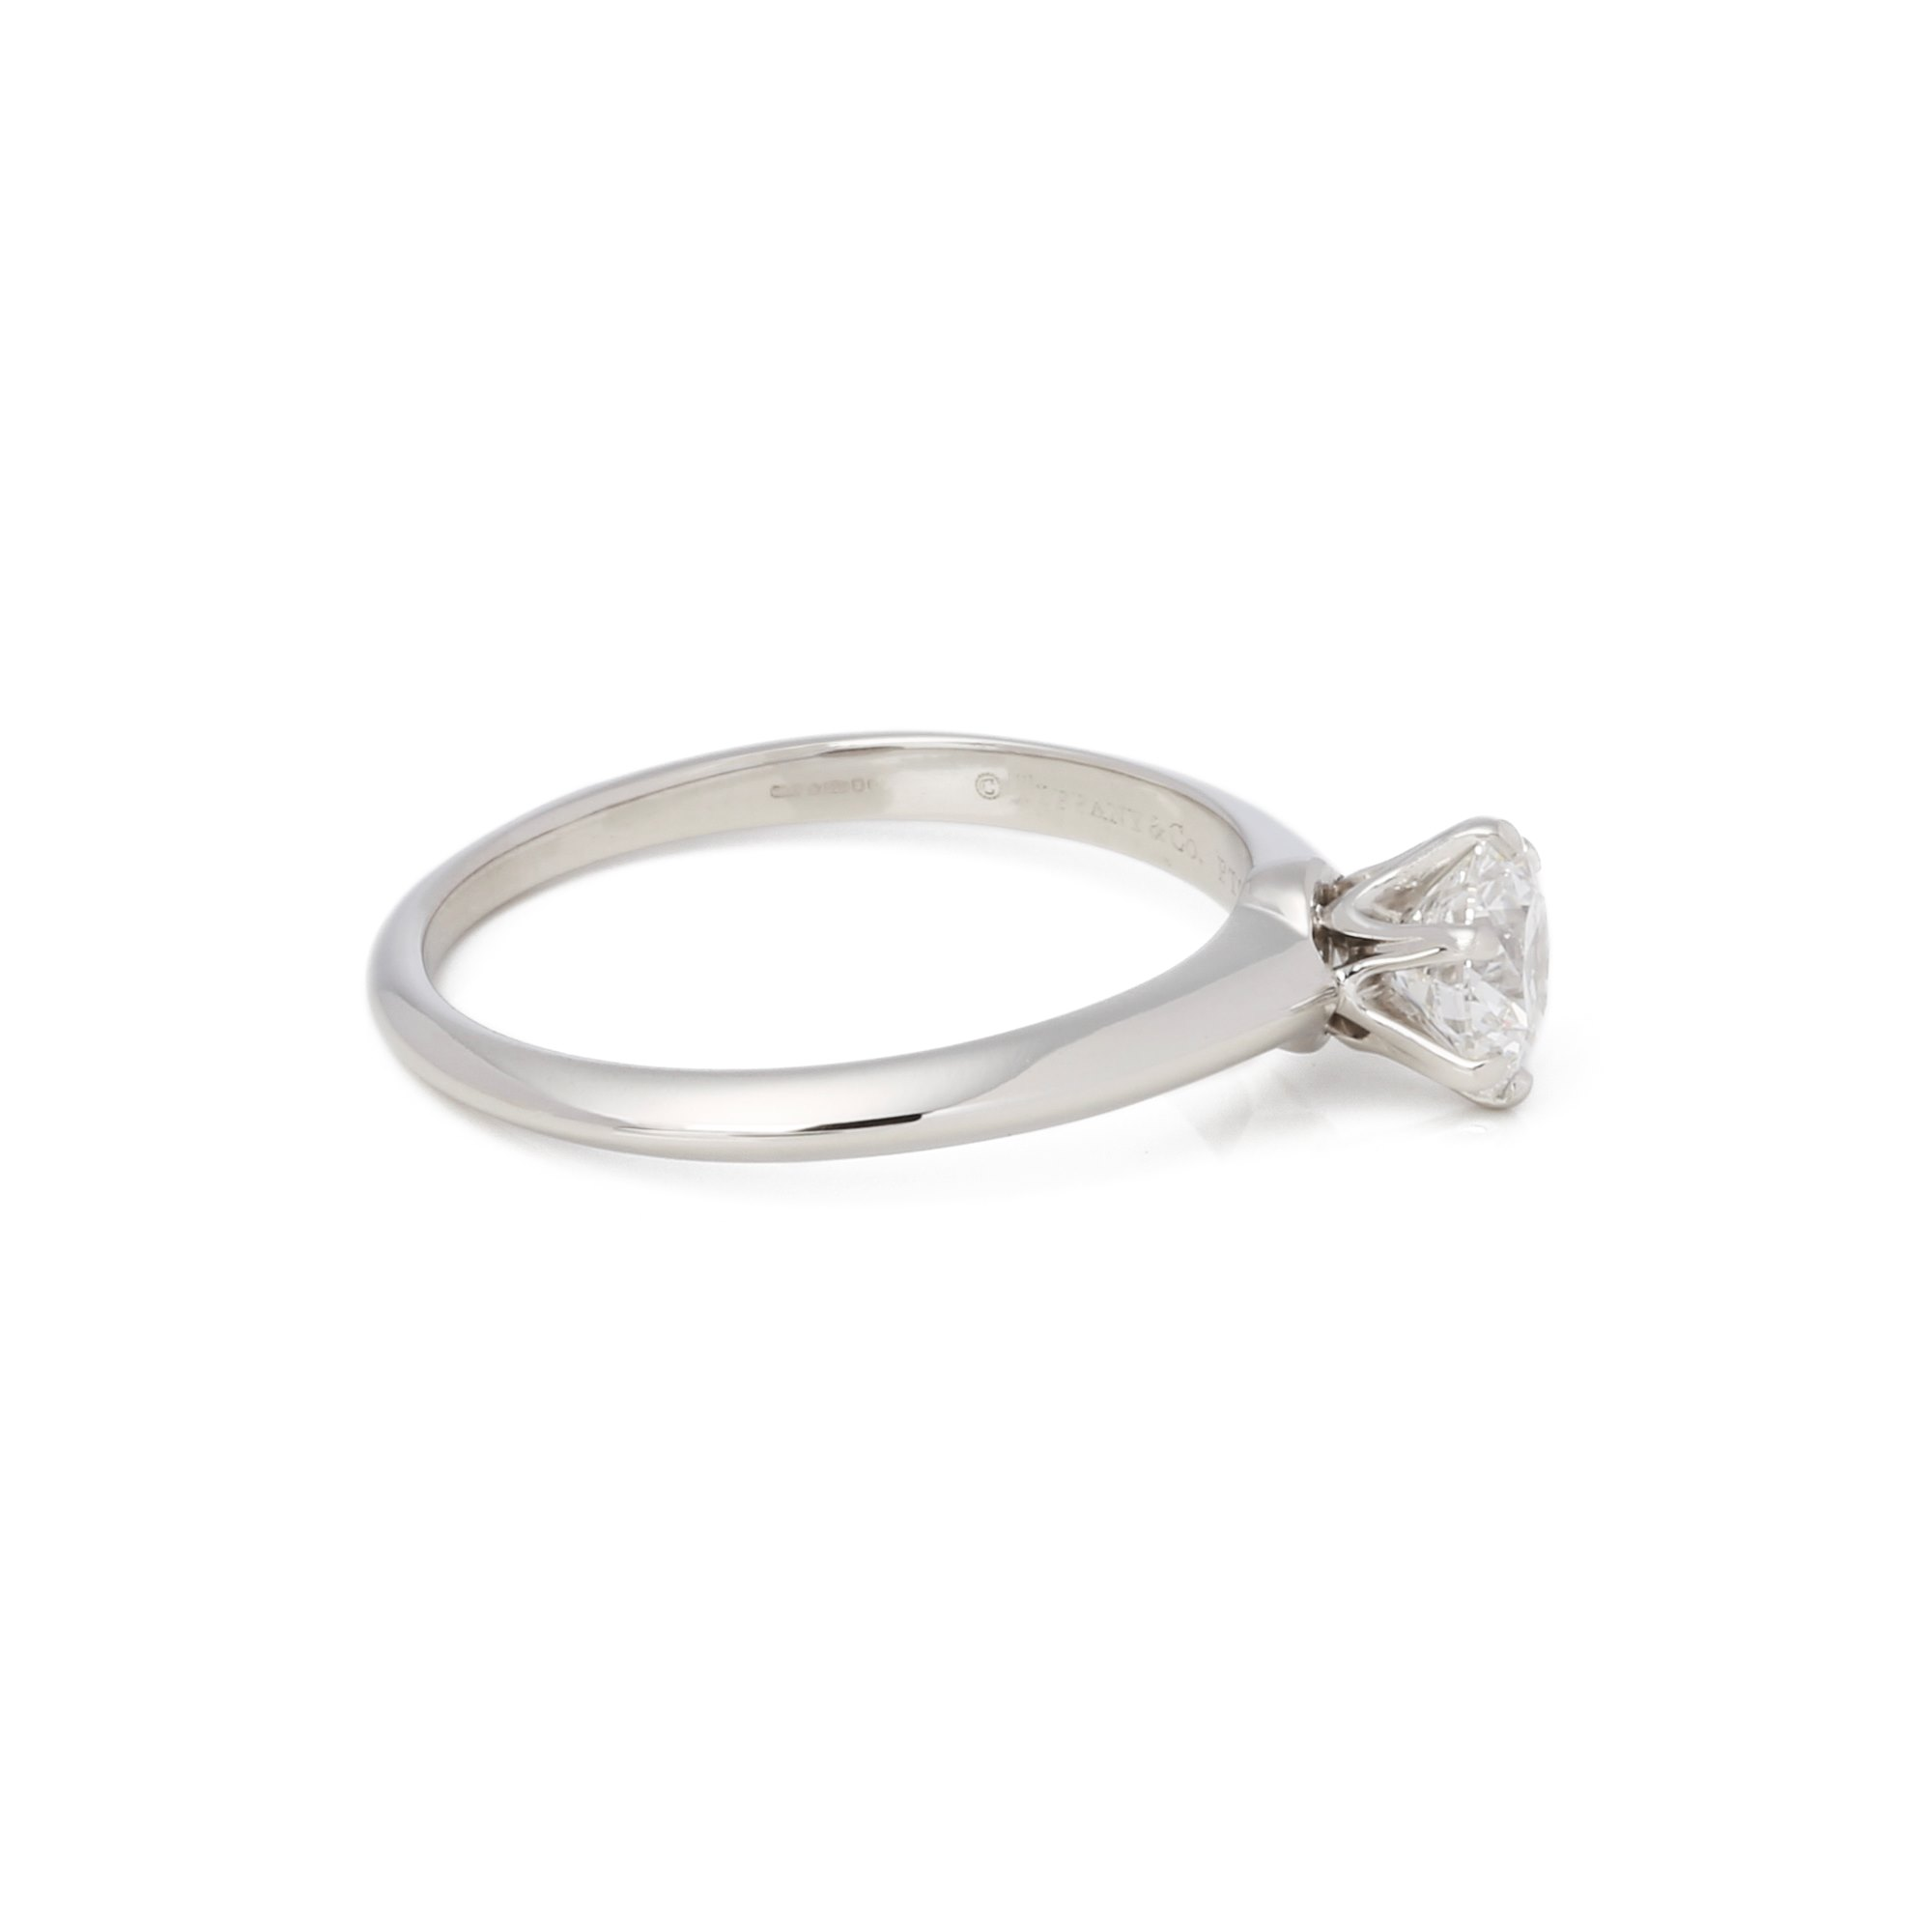 Tiffany & Co. Brilliant cut 0.93ct Diamond Solitaire Ring